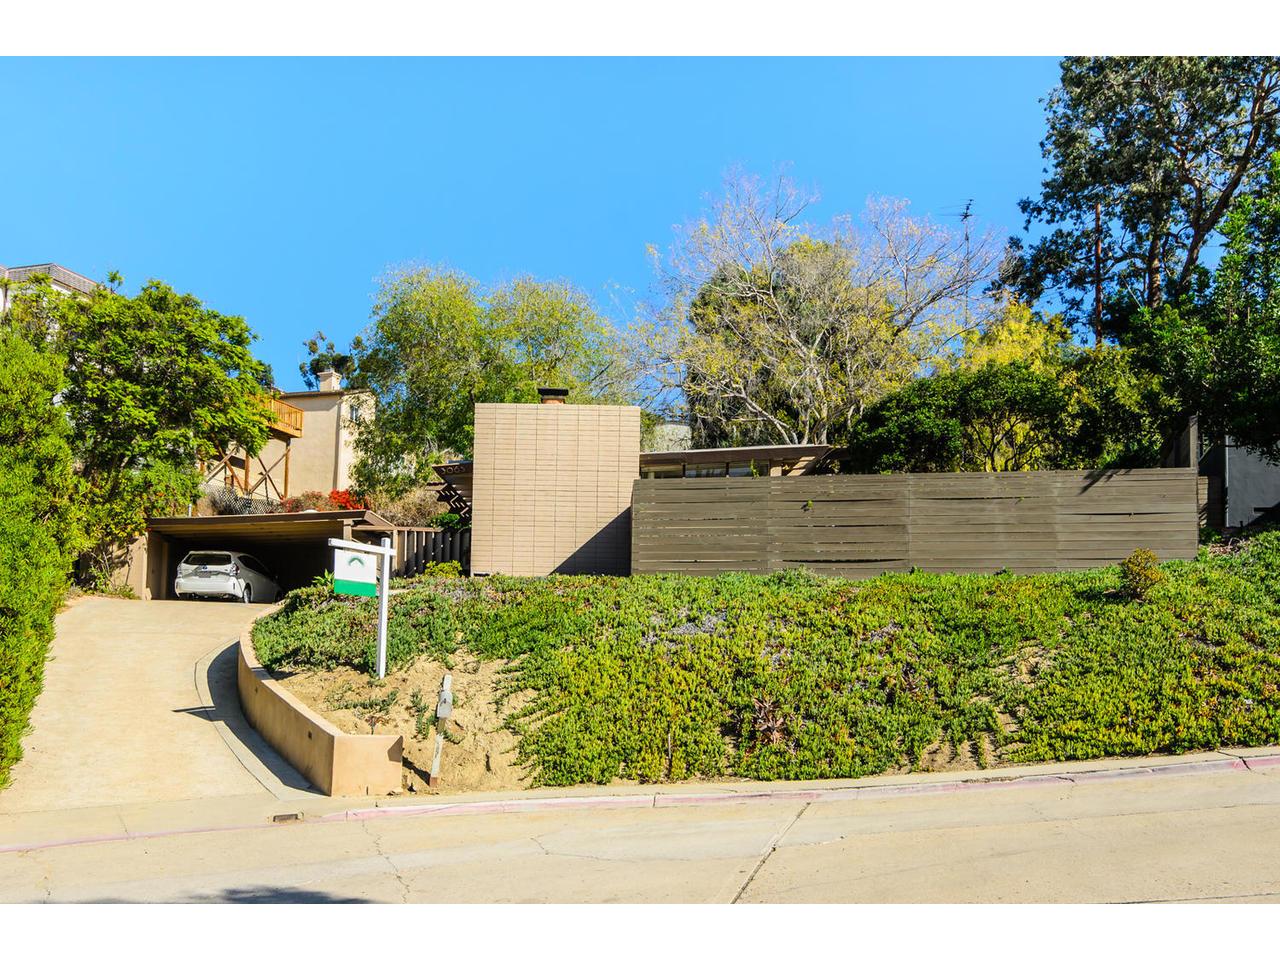 3065 Eagle St San Diego CA-MLS_Size-001-3065 Eagle Street San Diego CA-1280x960-72dpi.jpg